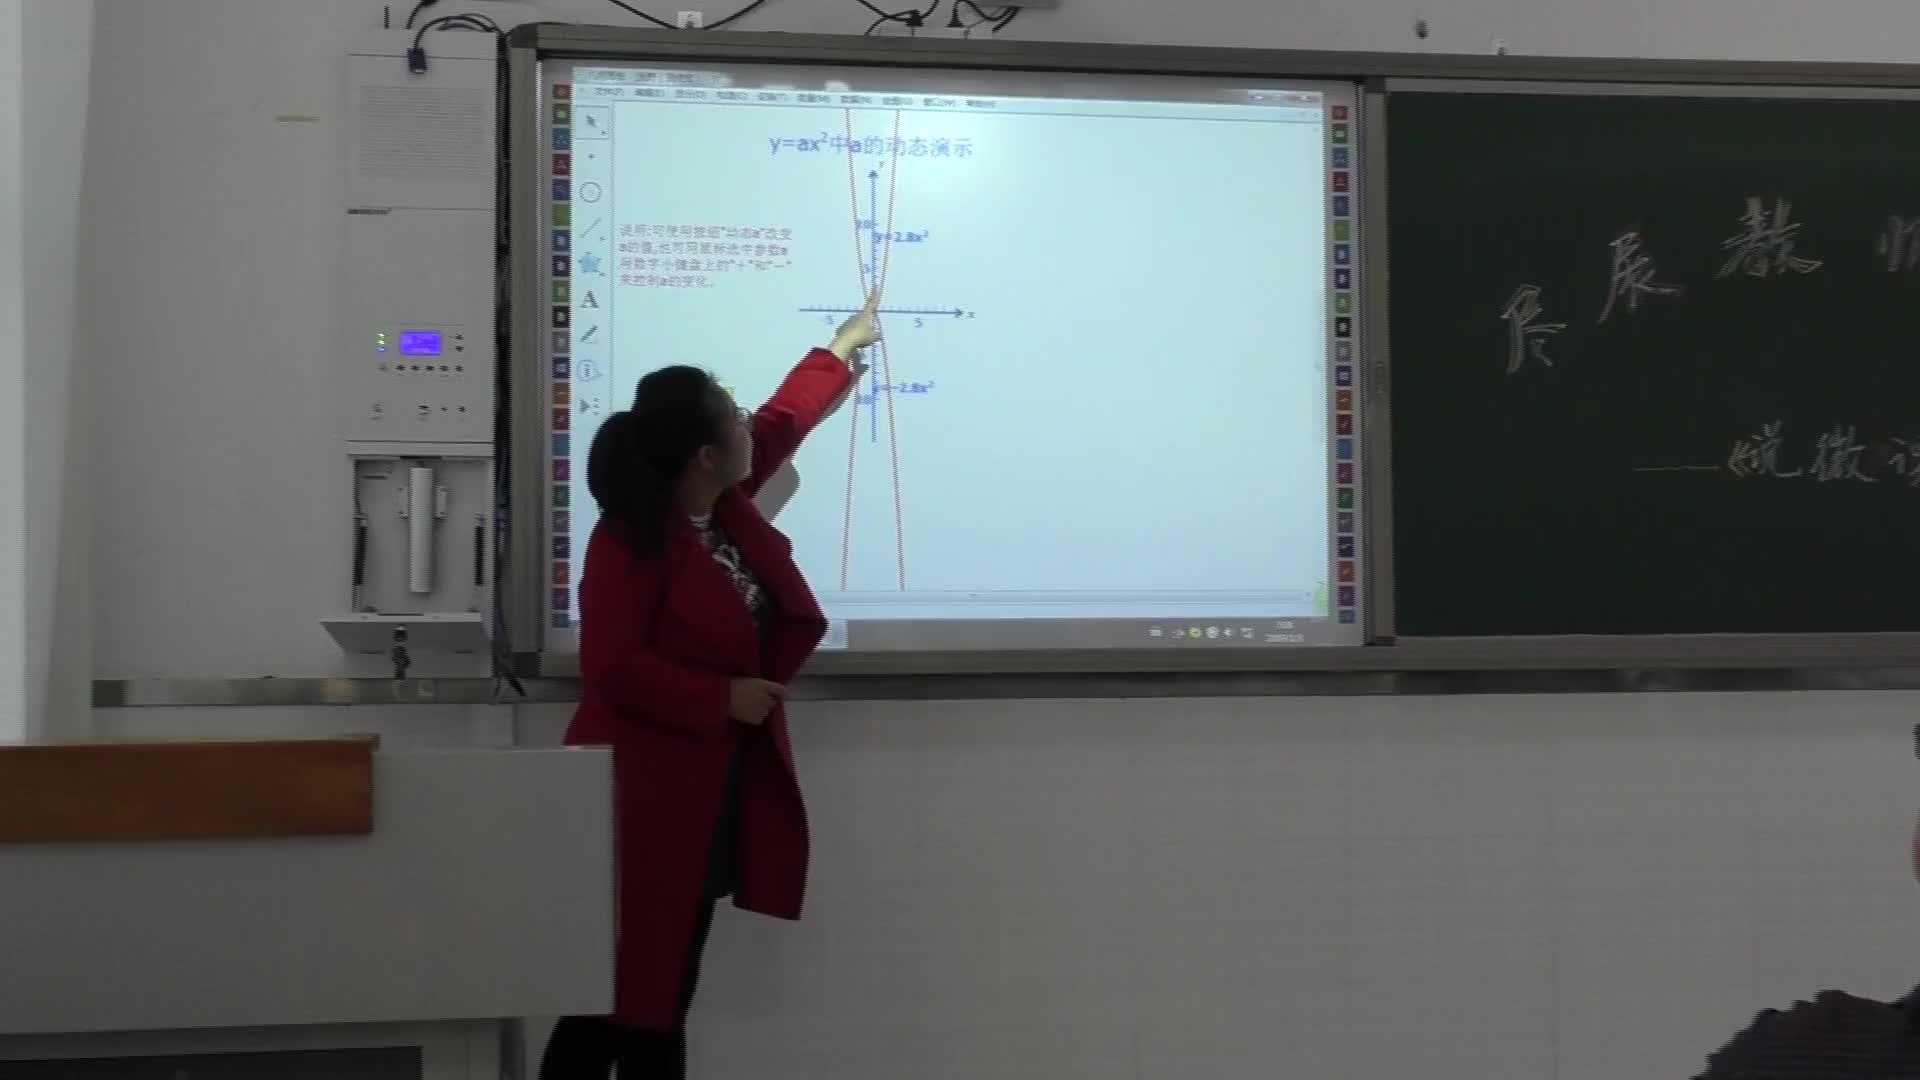 人教版 九年级数学上册 二次函数的图像性质(顶点式)-视频说课 人教版 九年级数学上册 二次函数的图像性质(顶点式)-视频说课 人教版 九年级数学上册 二次函数的图像性质(顶点式)-视频说课 [来自e网通客户端]